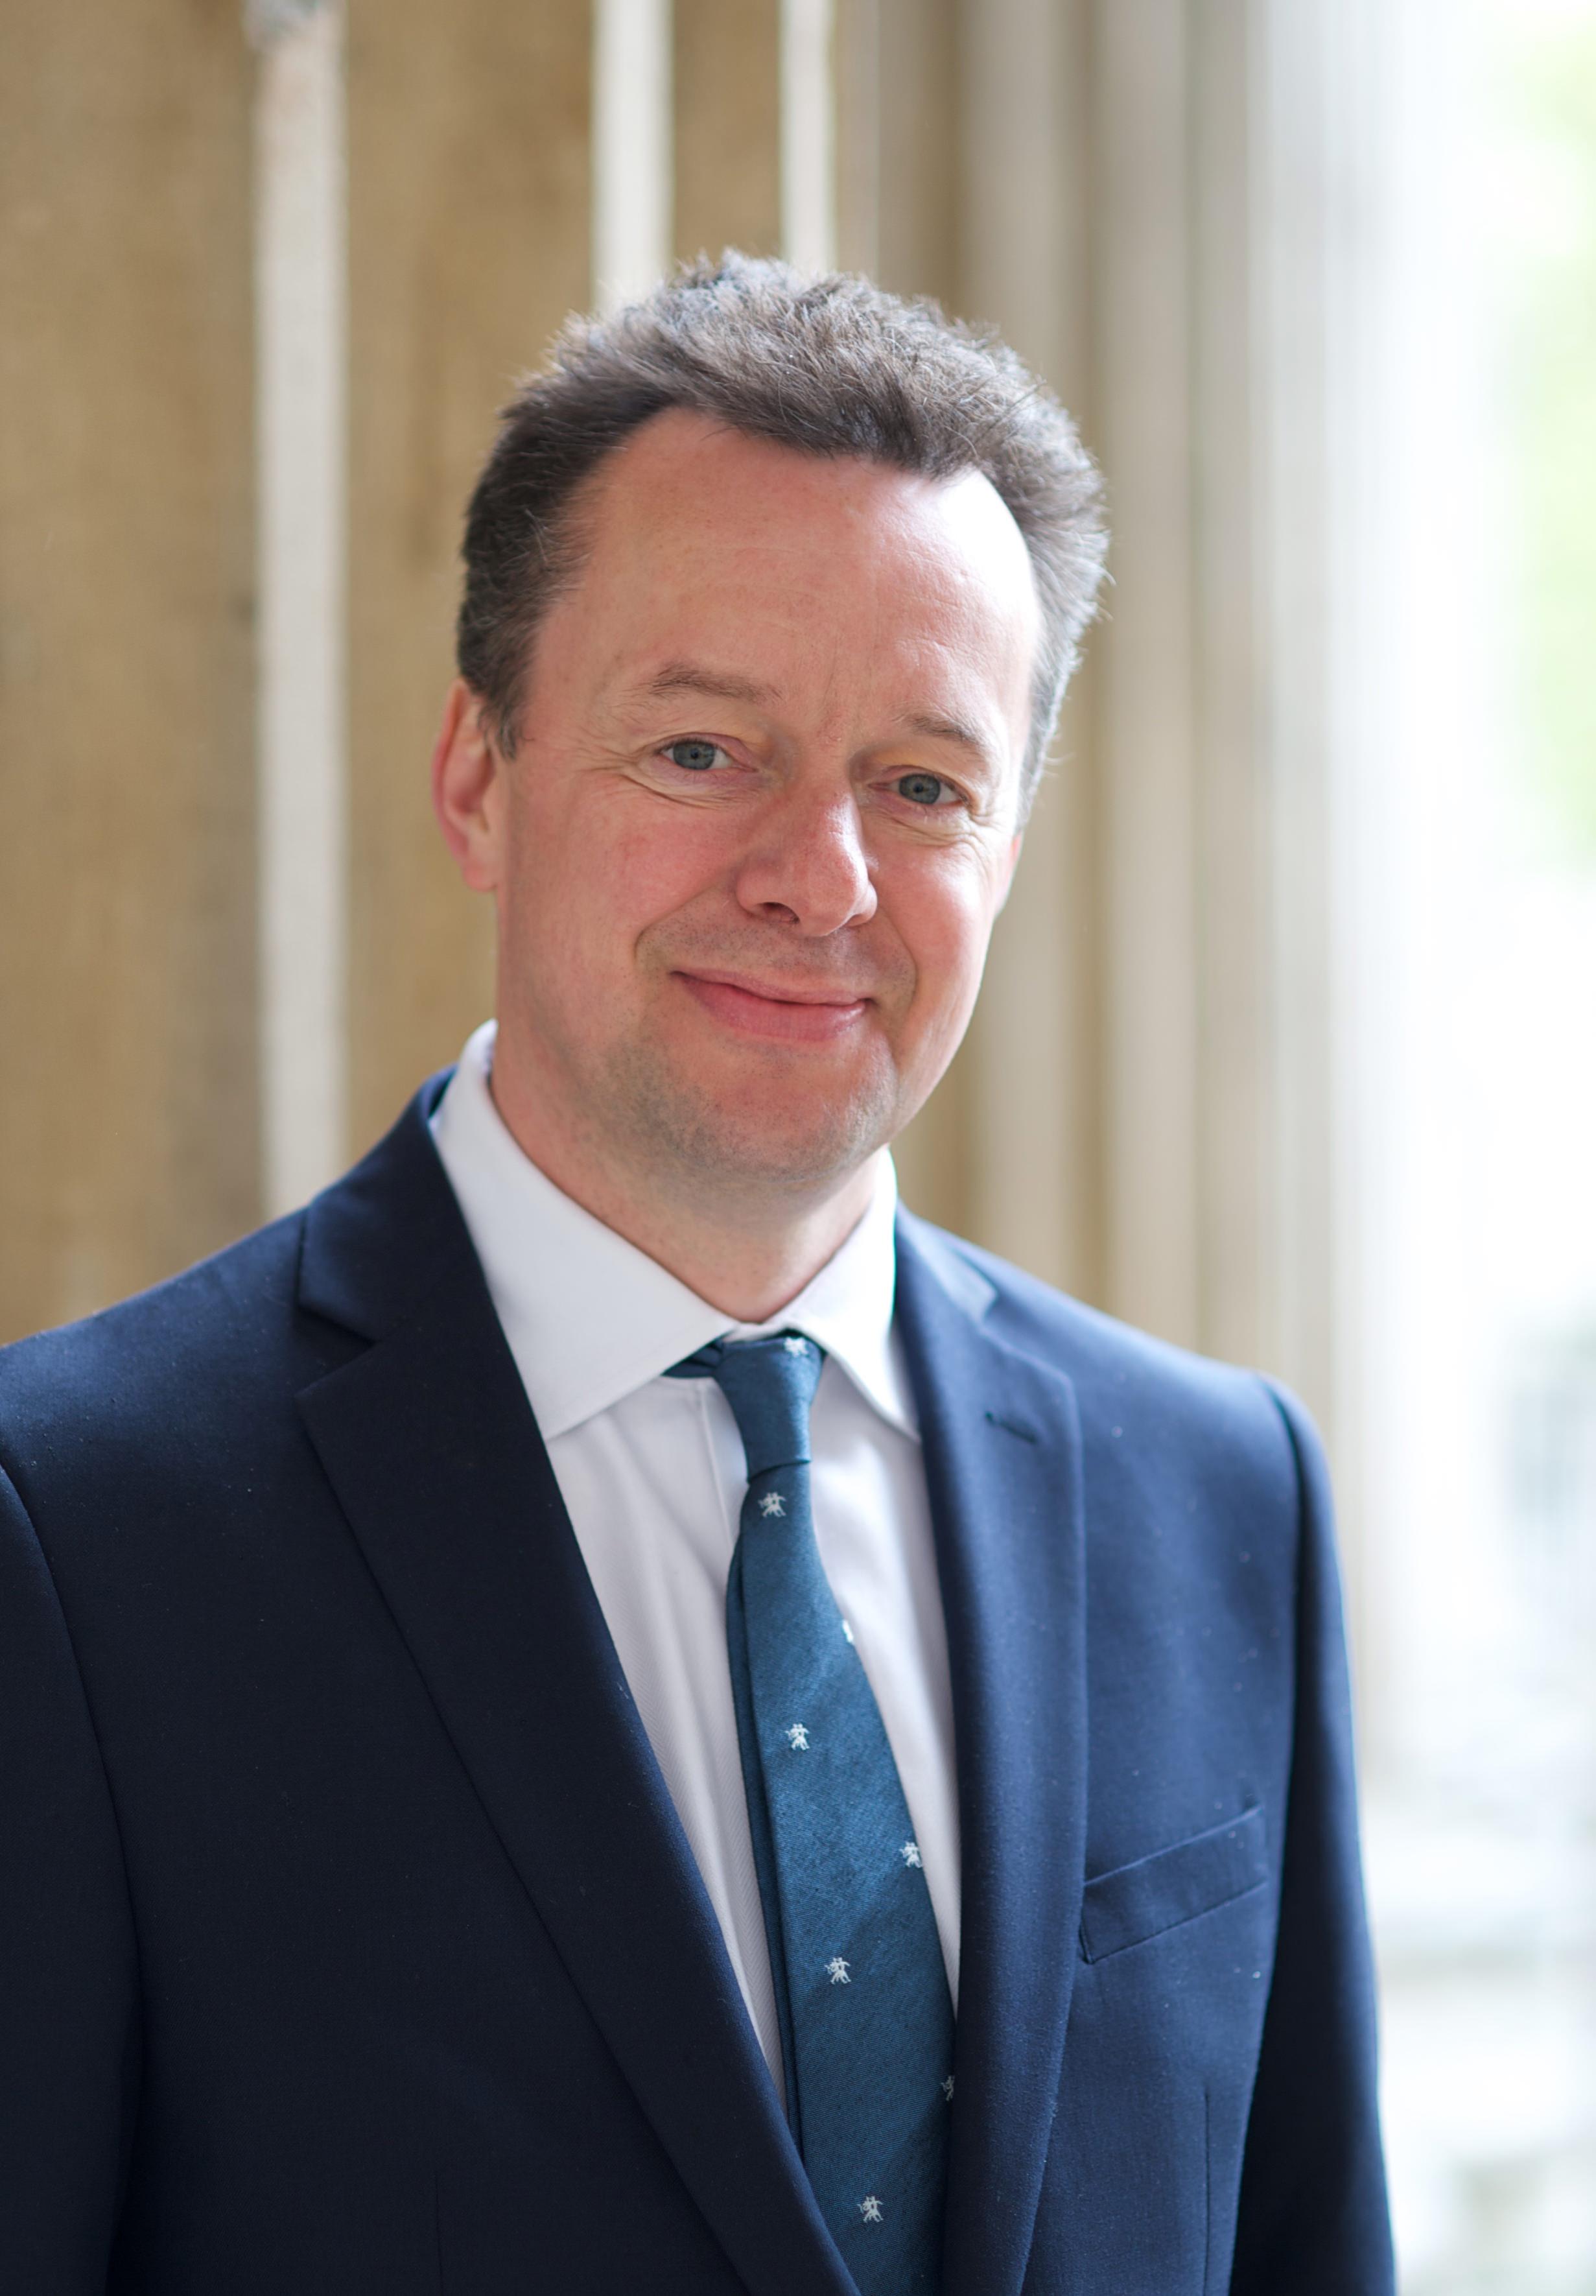 Mark Hallett, Director of Studies